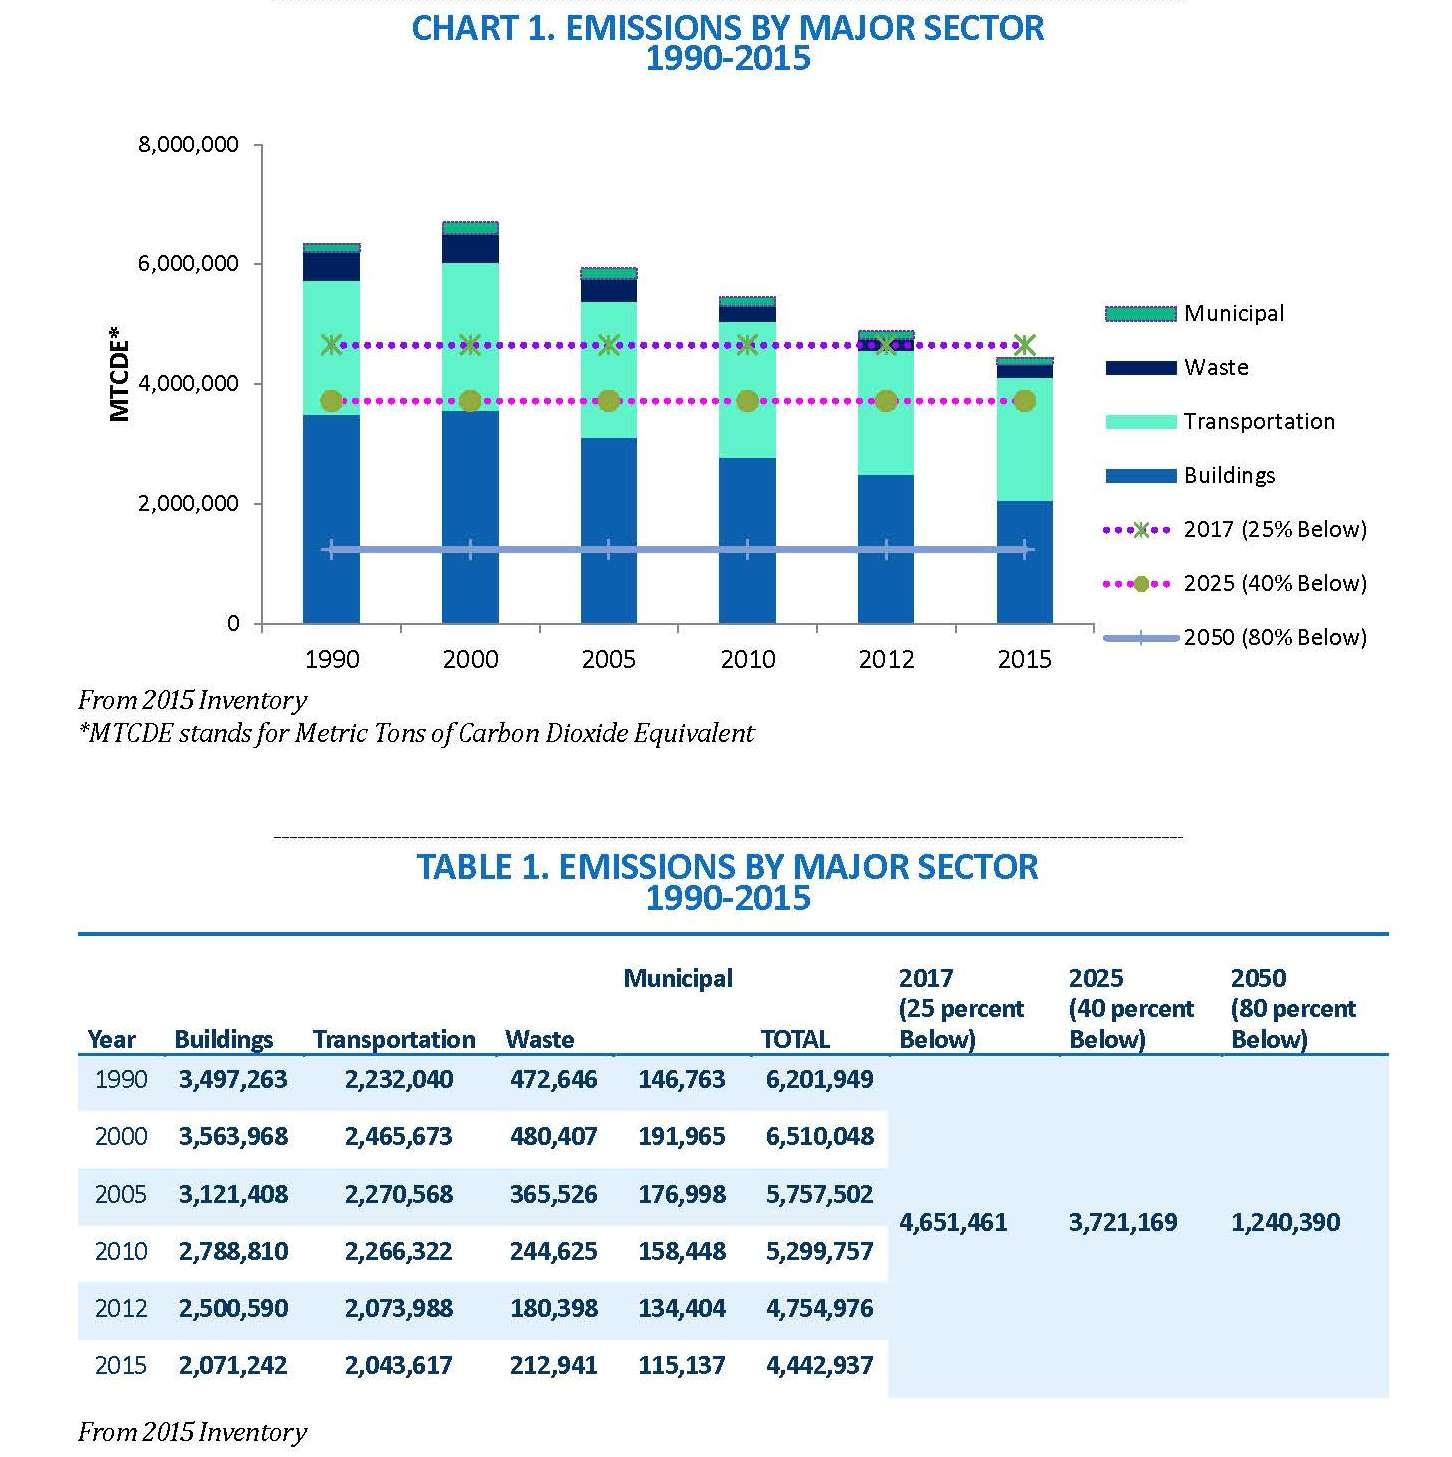 2015 Chart 1 of Emissions